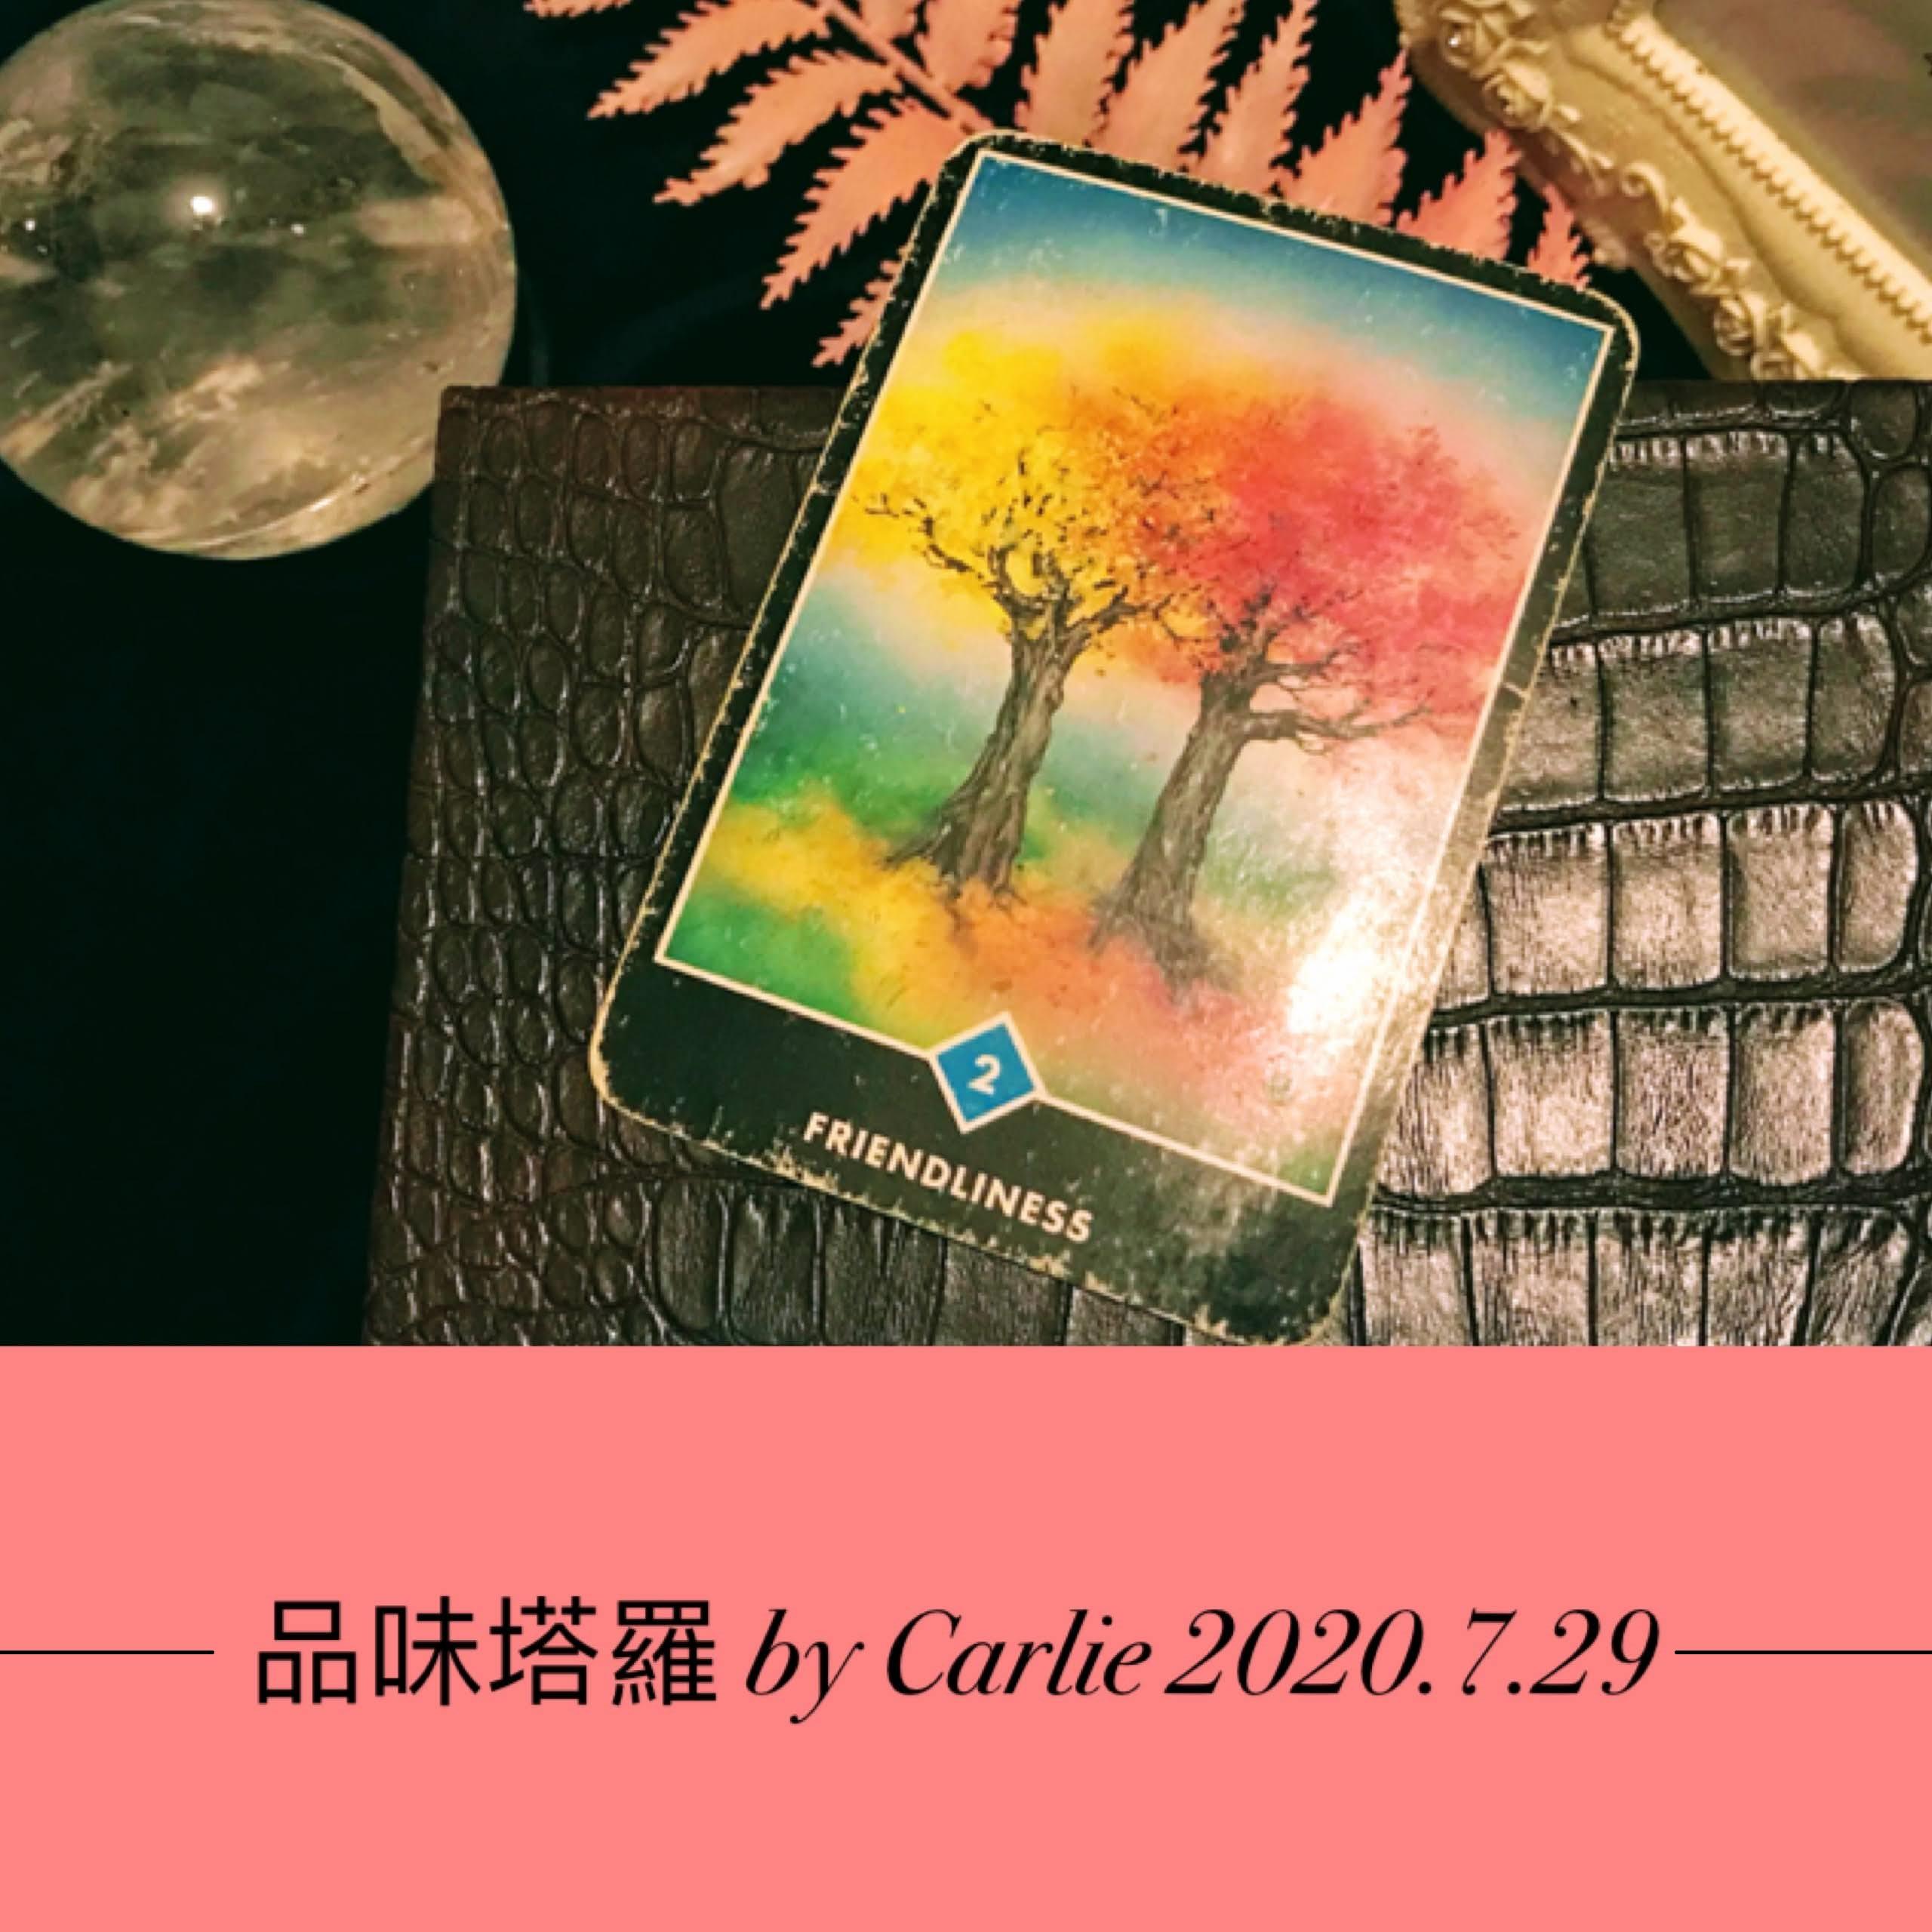 hong kong tarot friendliness Osho Zen Tarot carlie angel circle 香港塔羅奧修禪卡占卜友誼感情